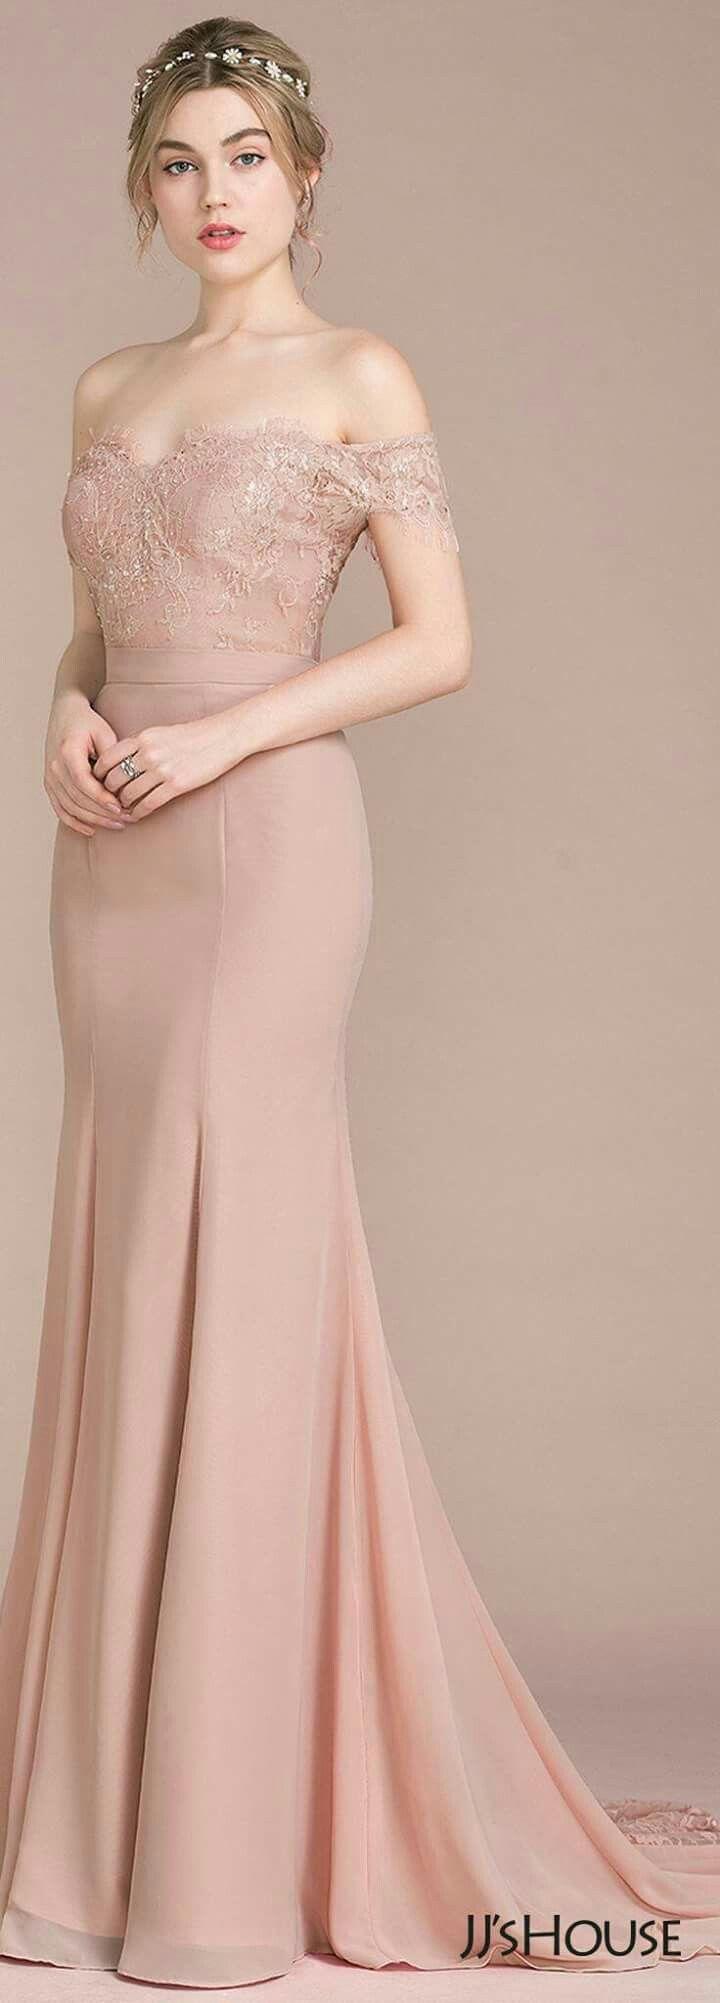 Dresses | Vestidos | Pinterest | Vestidos de dama, Vestiditos y ...